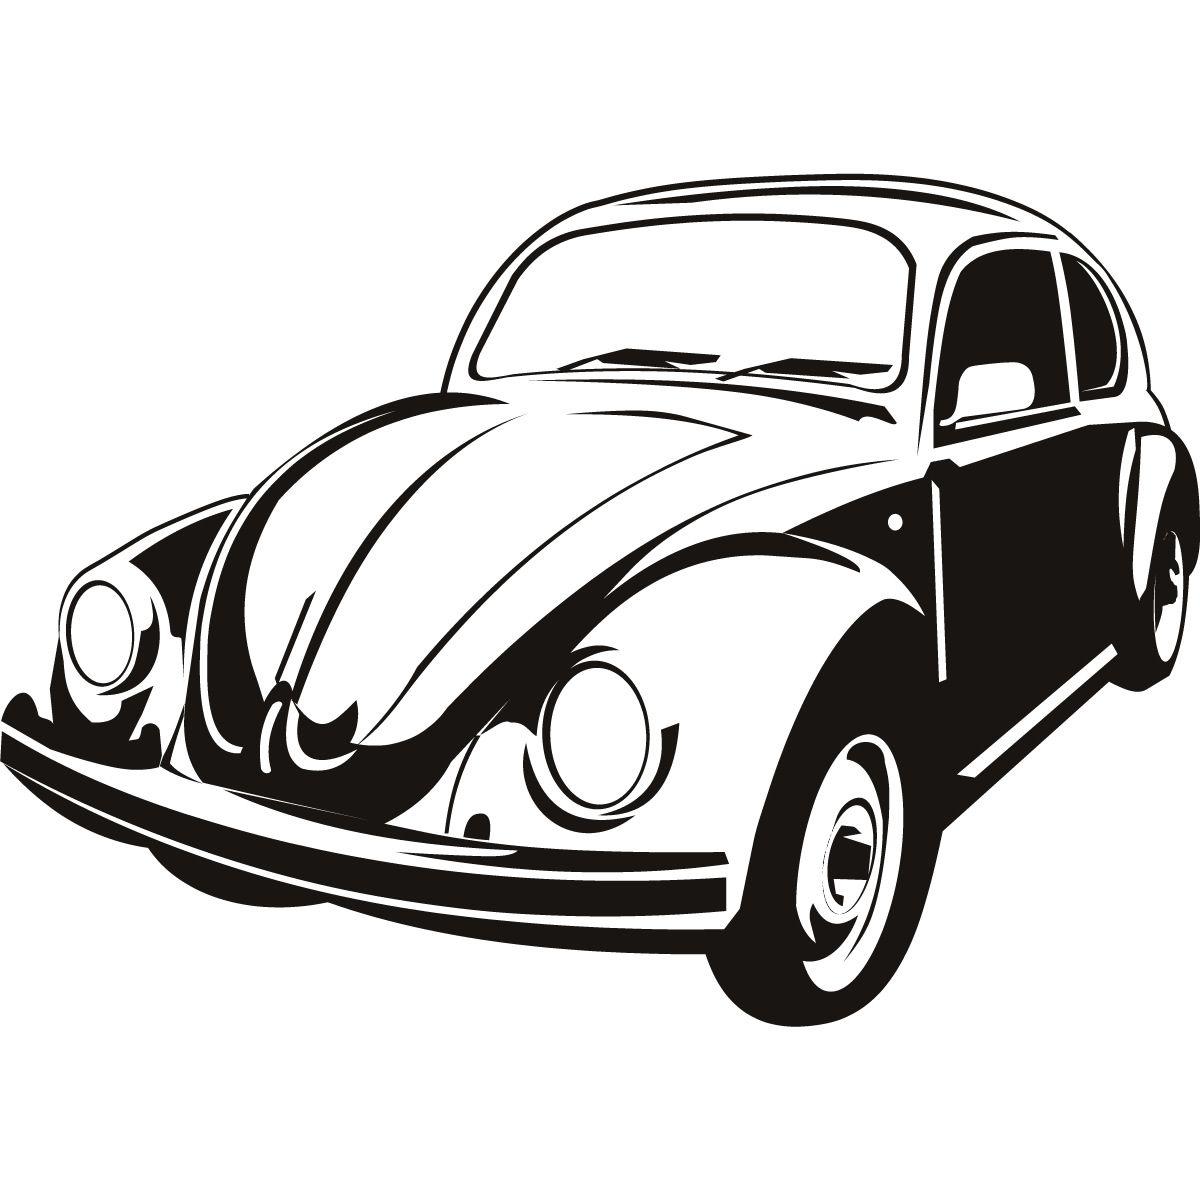 jack daniels silhouette vw pinterest Orange VW Van jack daniels silhouette beetle cartoon car wall art beetle drawing